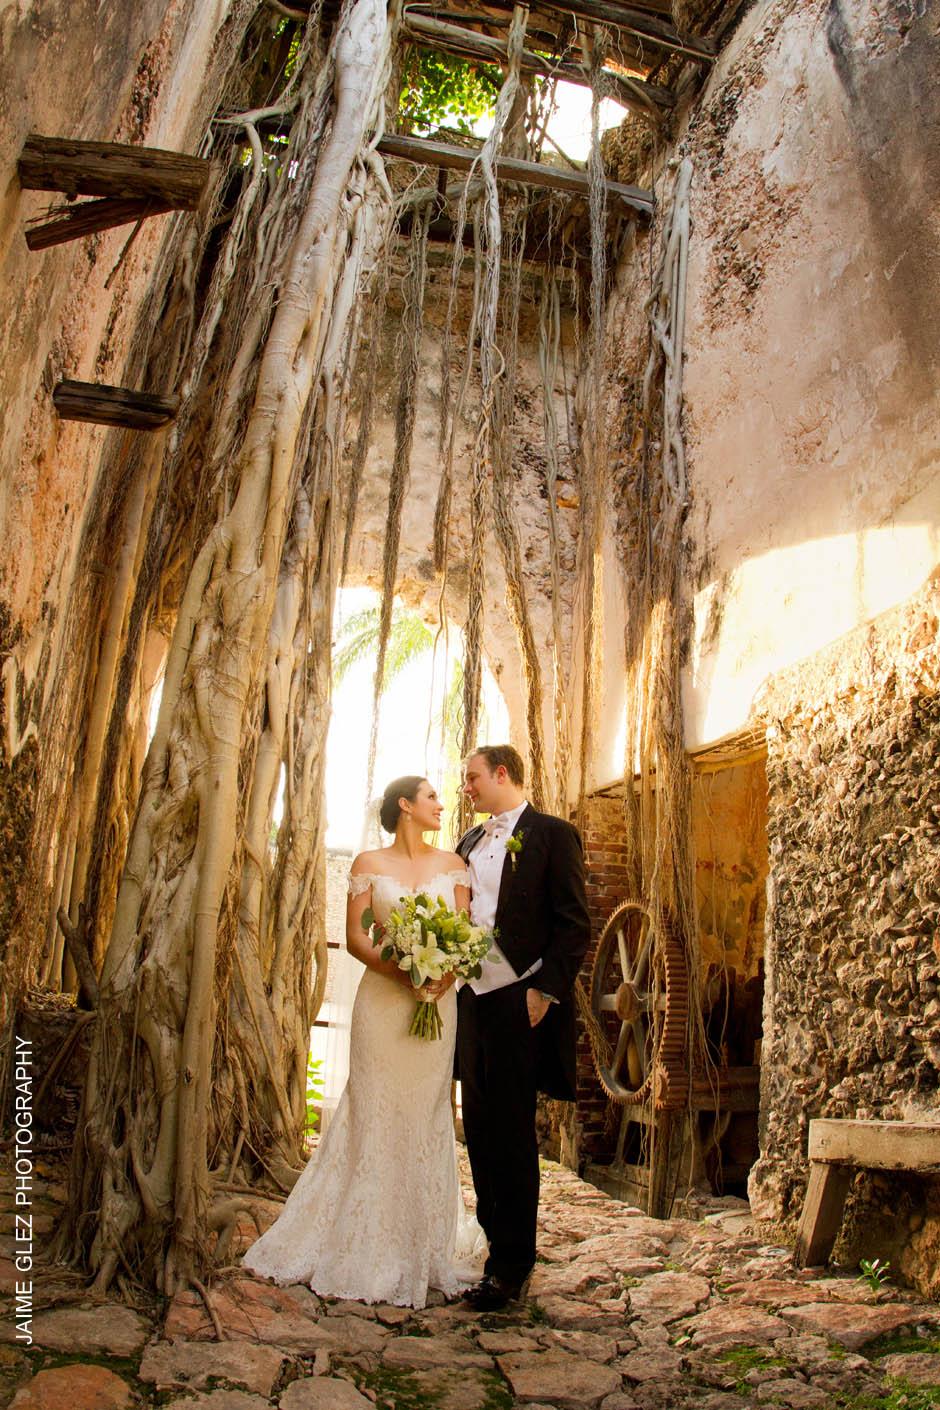 mexico-wedding-photography-27